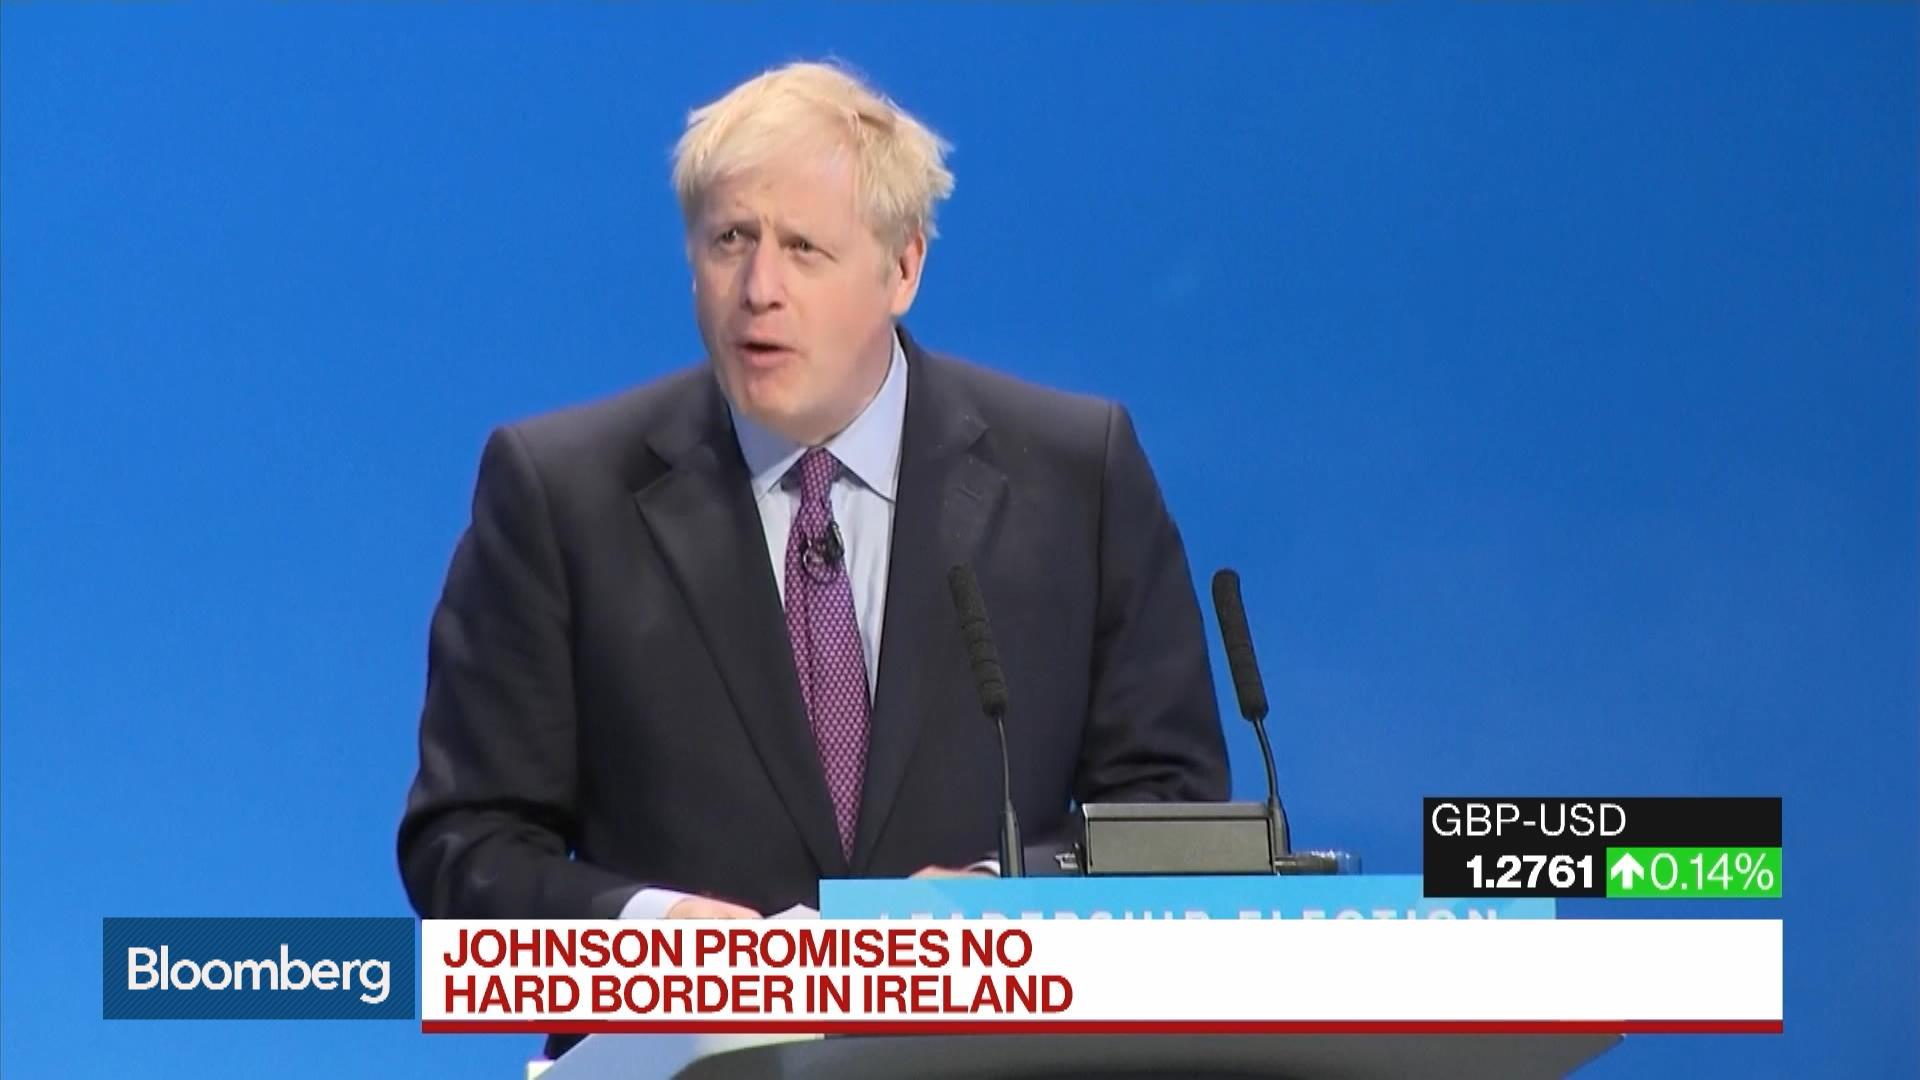 Boris Johnson Again Pledges Oct. 31 Brexit in Radio Interview